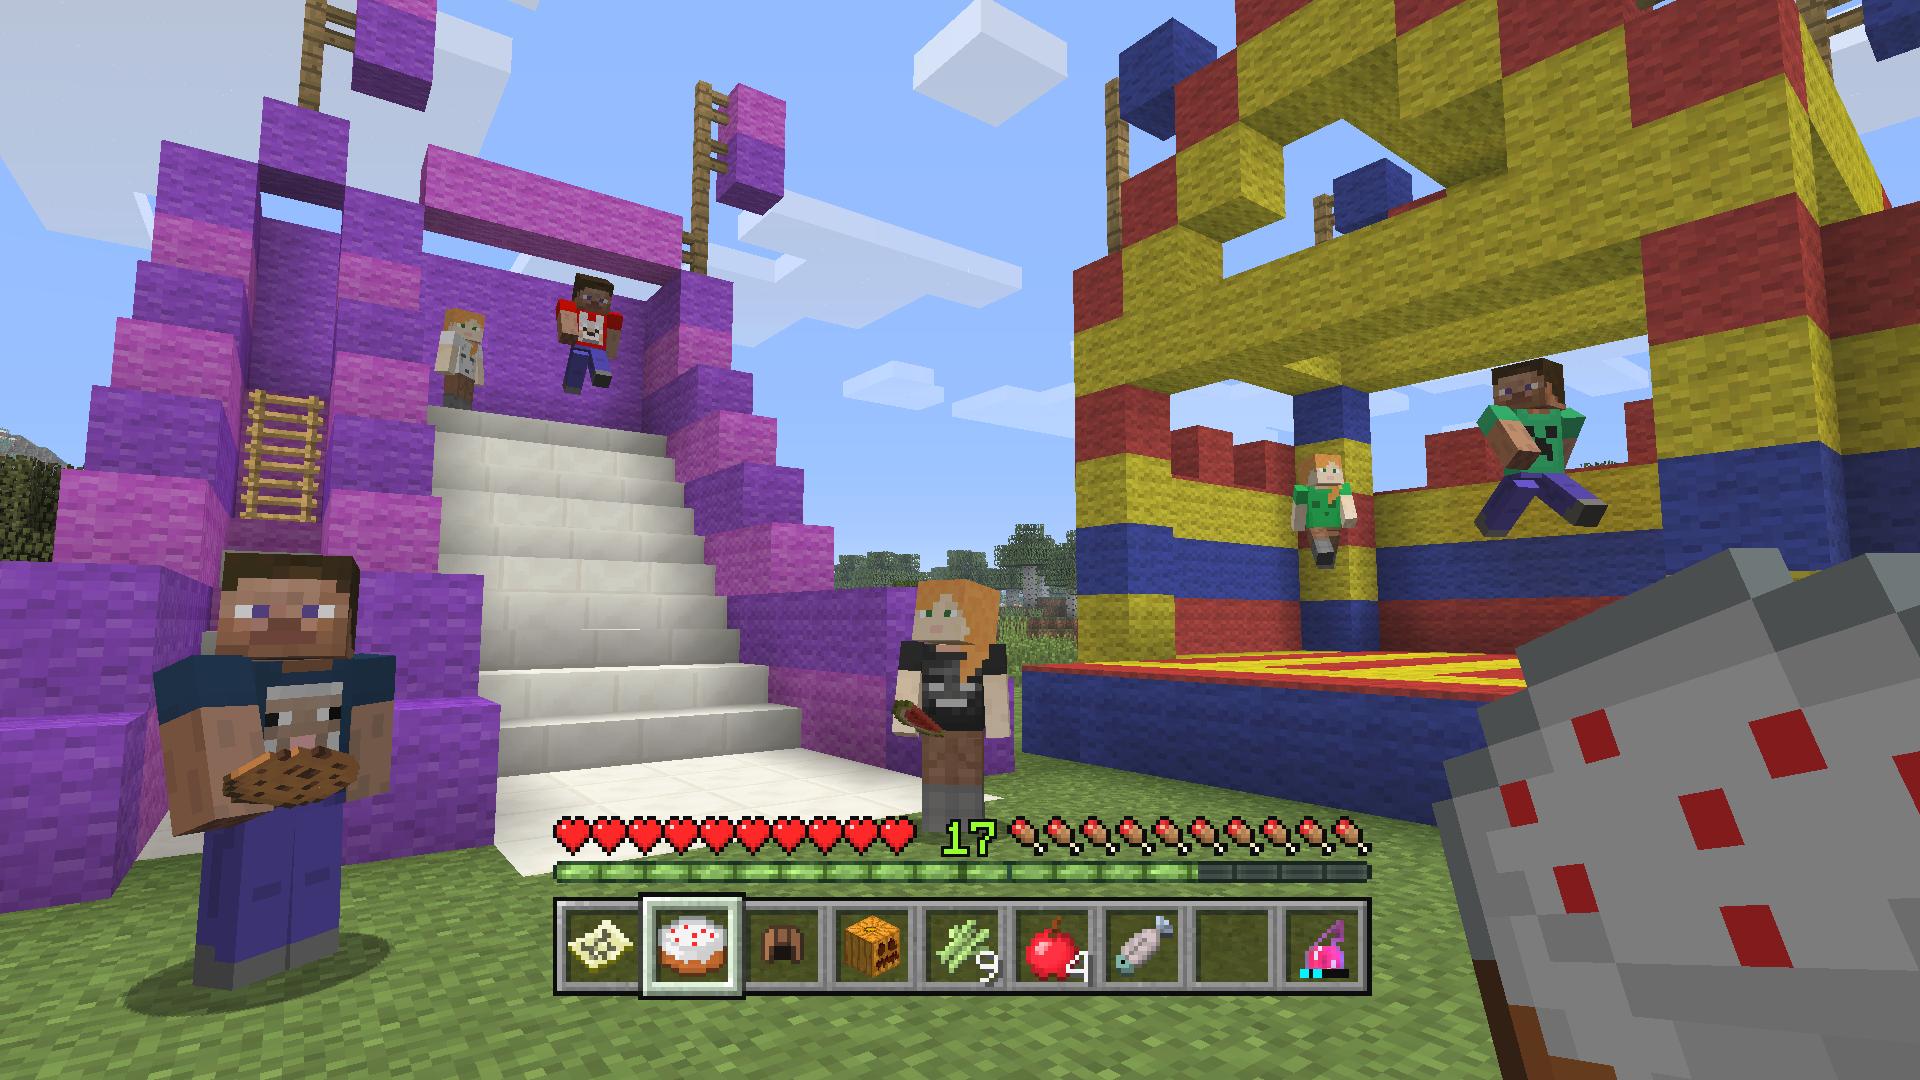 Minecraft_XB1_SkinPack_Birthday4_Shot1-1